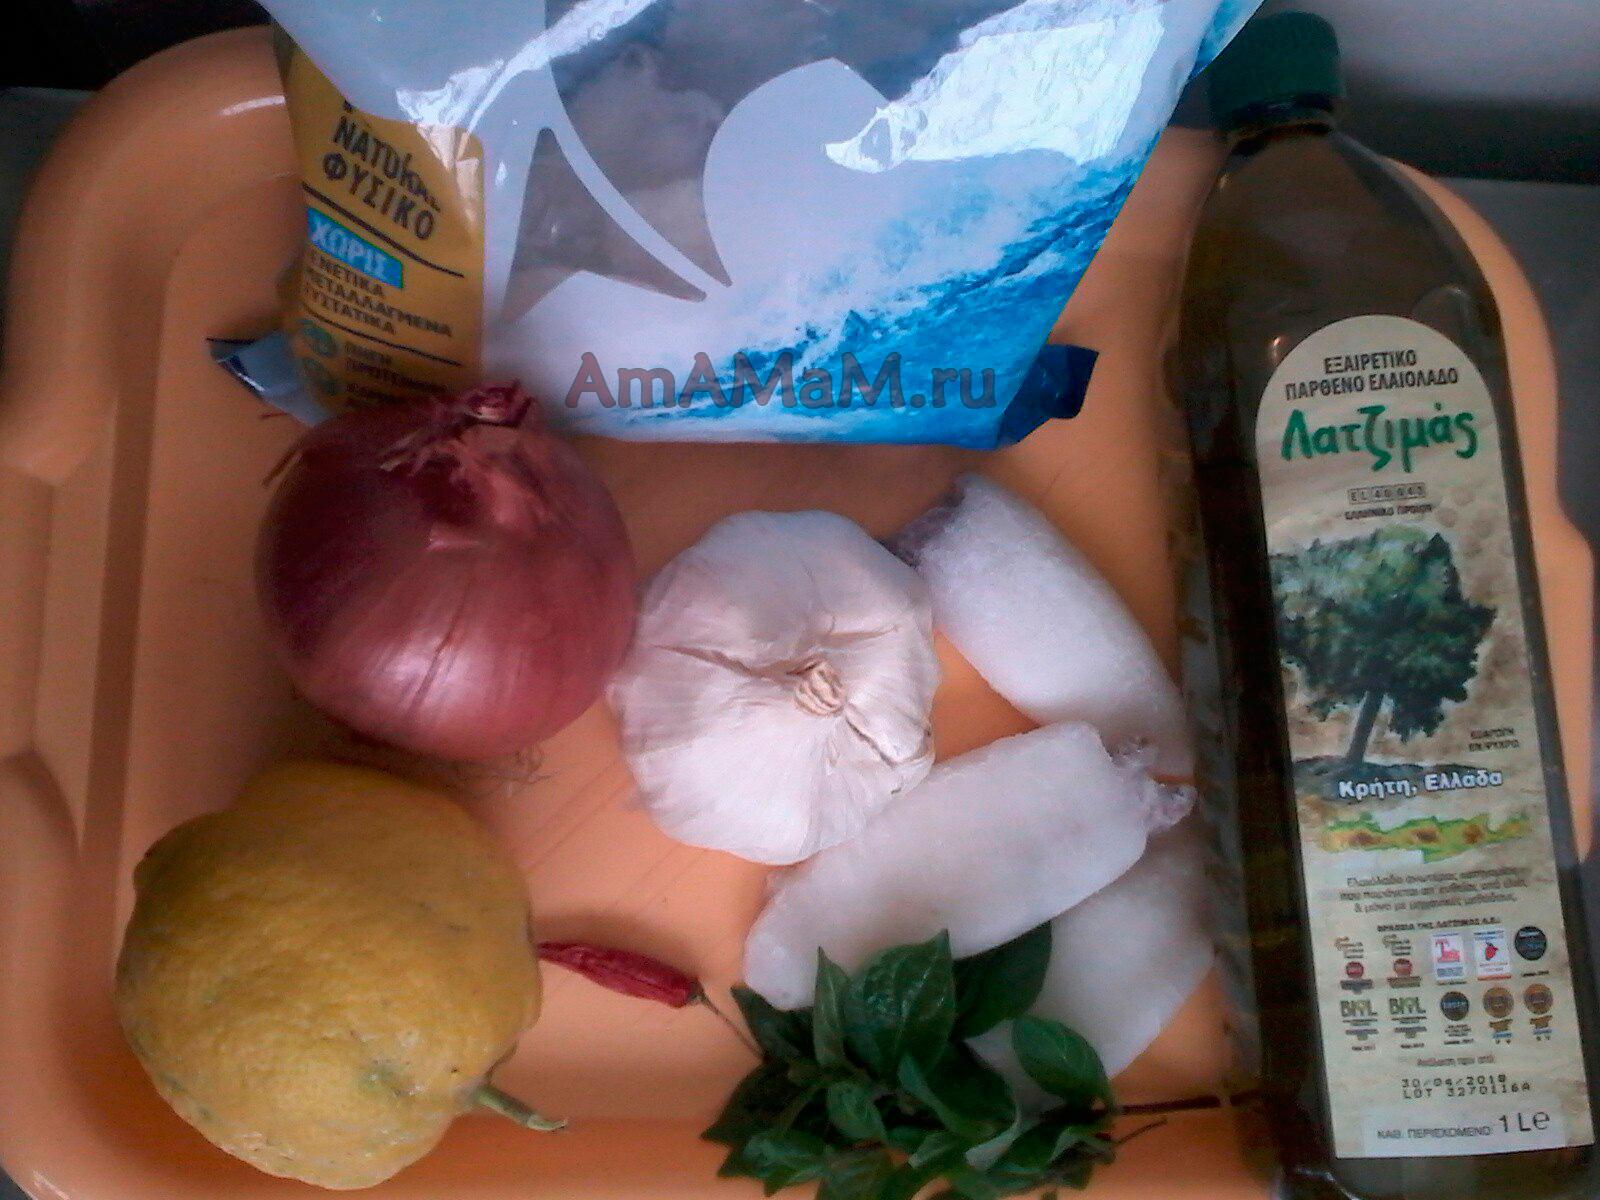 Как приготовить бульон для запеченного мяса